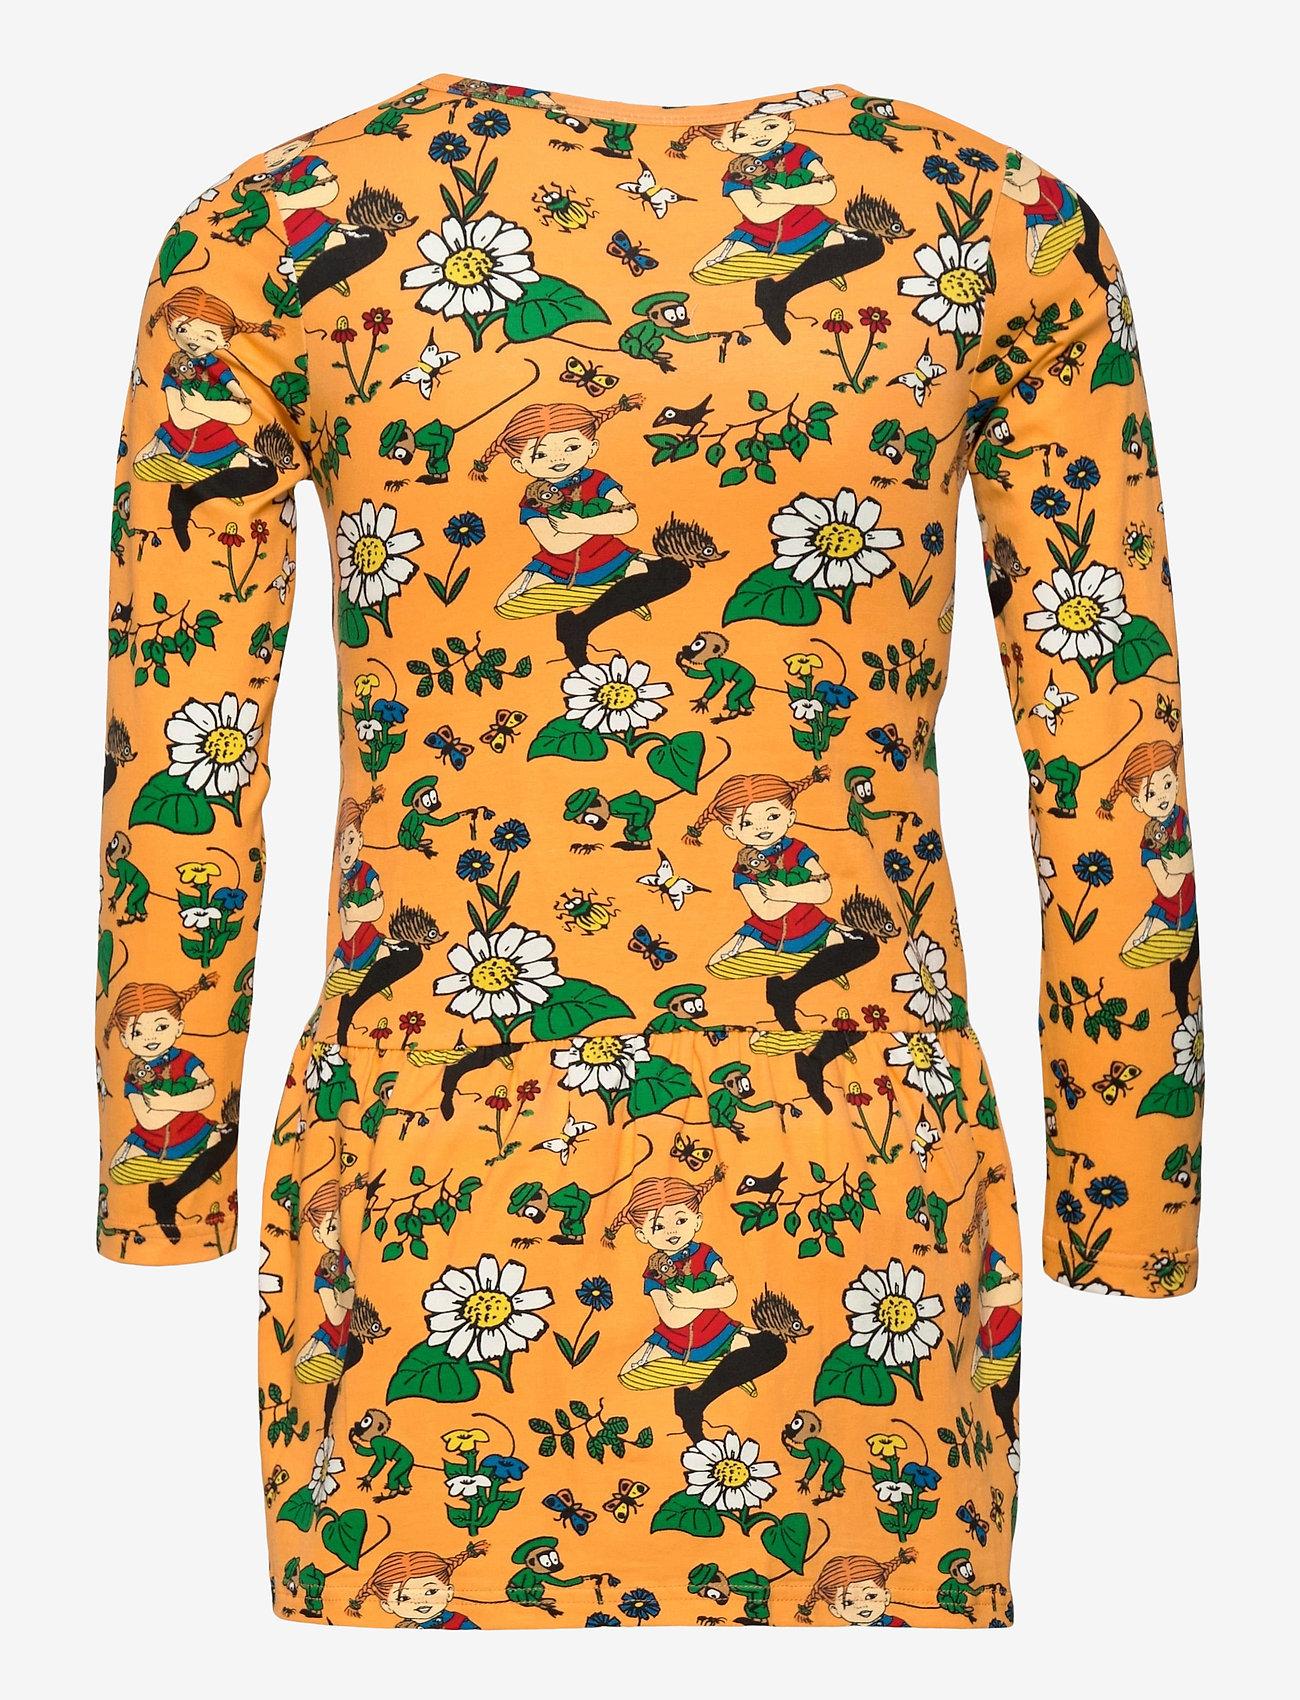 Martinex - OXEYE DAISY DRESS - kleider - orange - 1